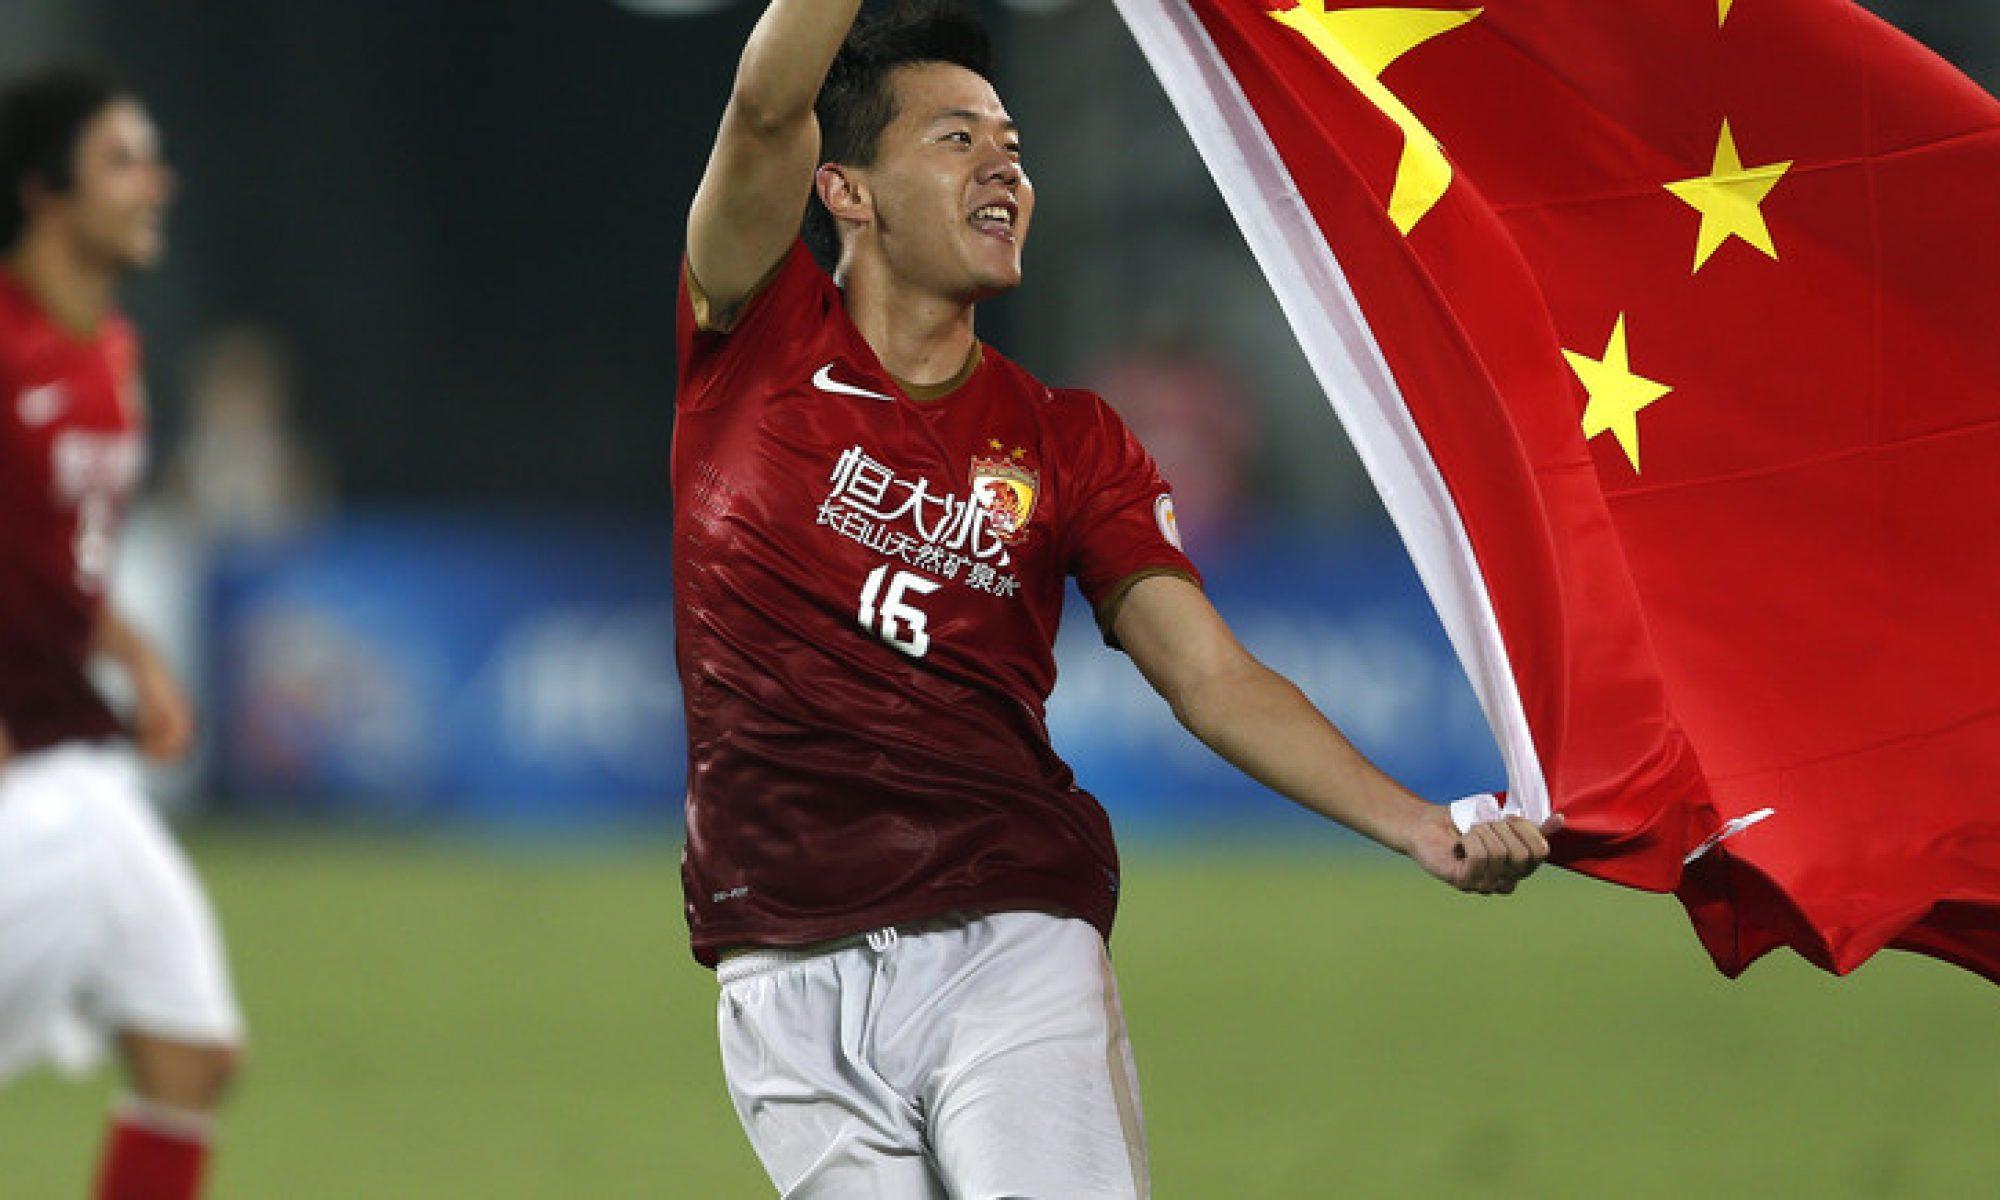 Çin Futbol Federasyonu: Çin'te tüm liglere süresiz erteleme